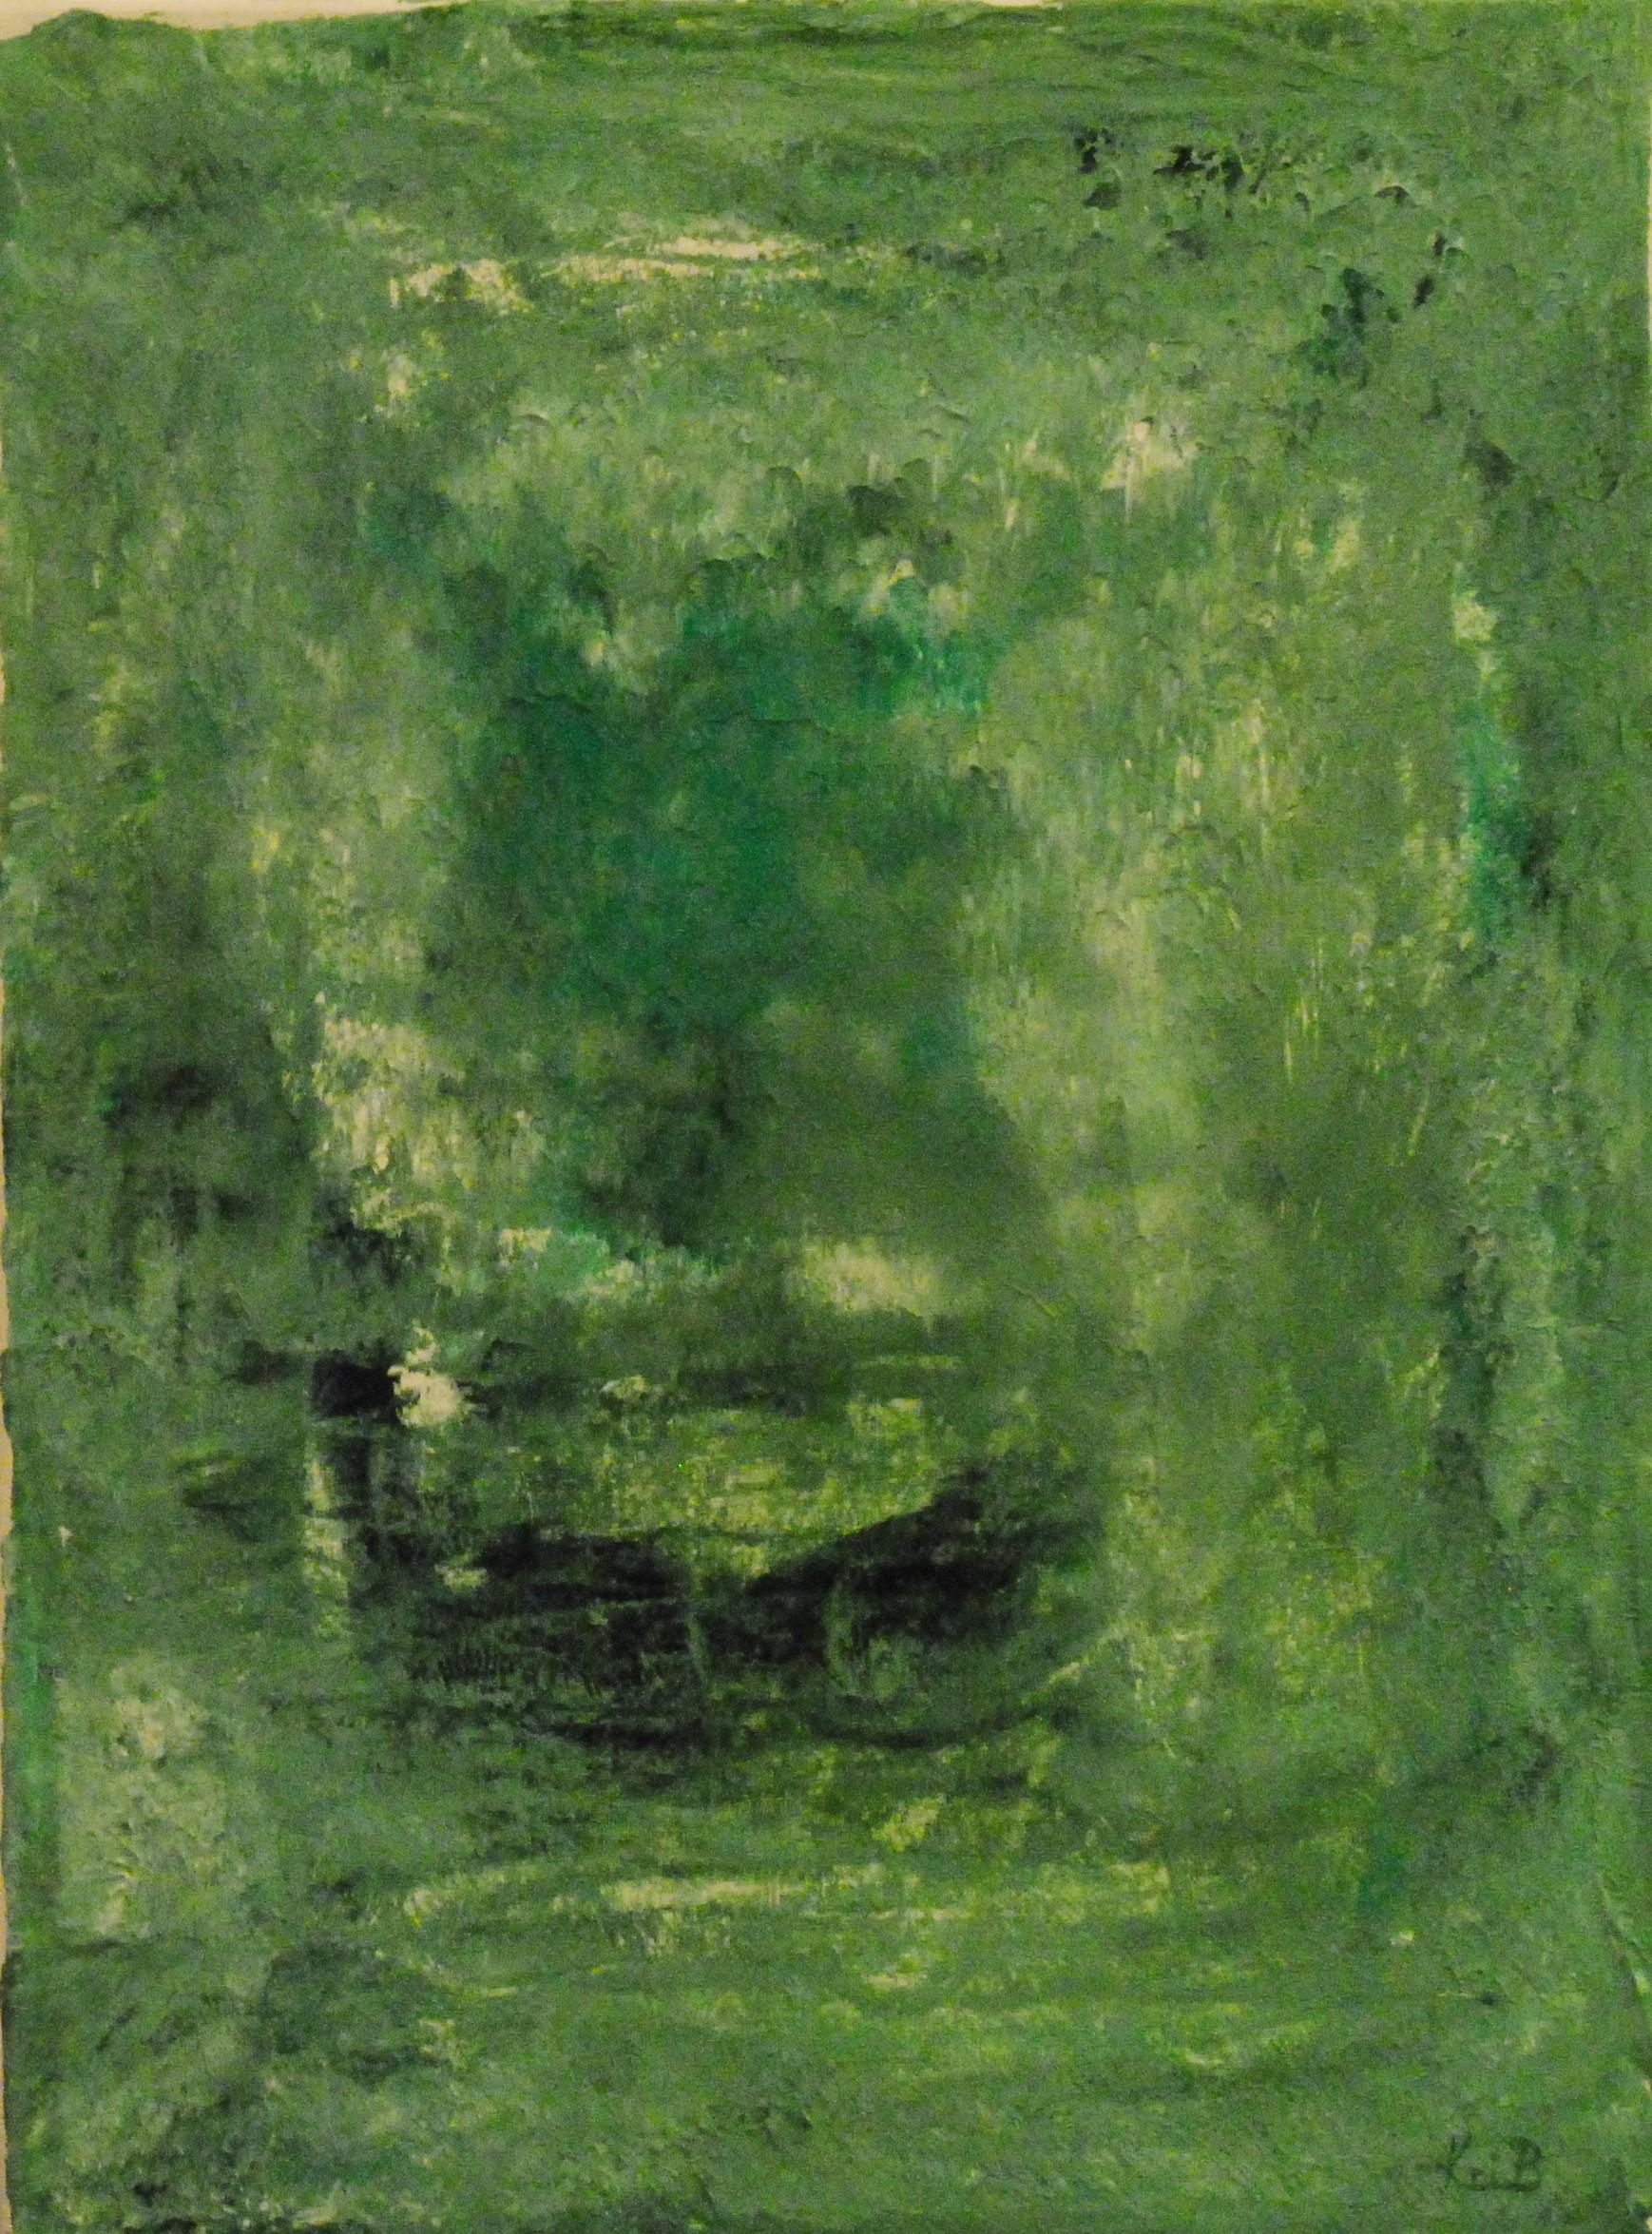 Virida abstracta